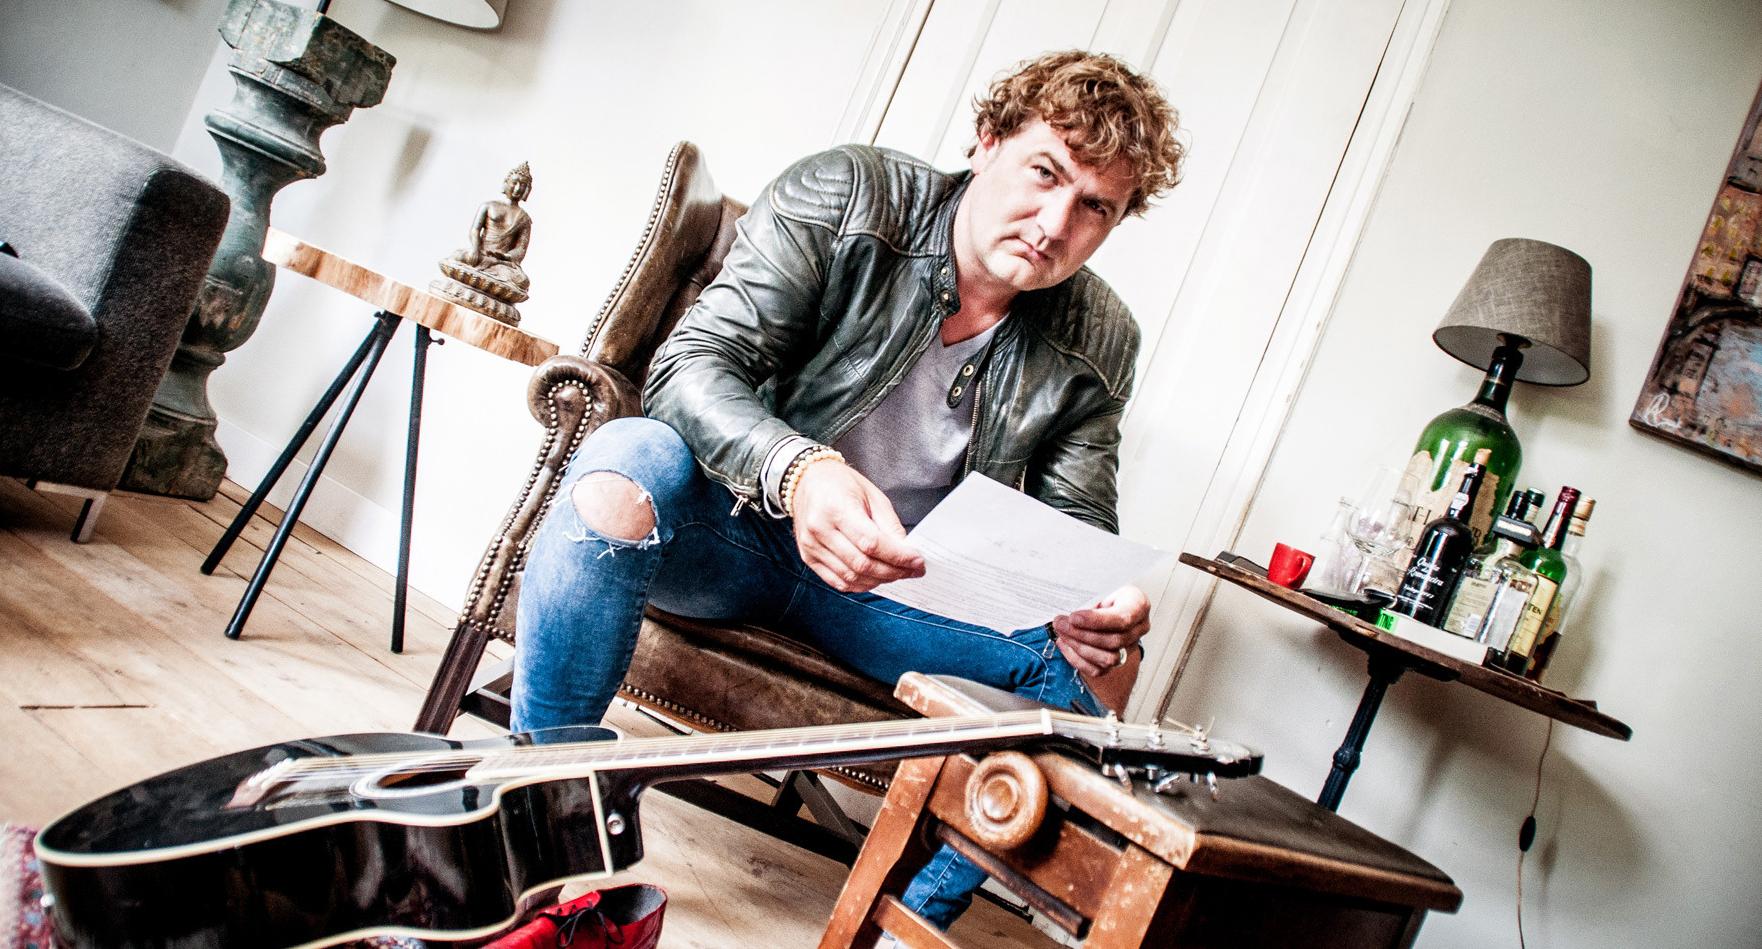 Ray Klaassen